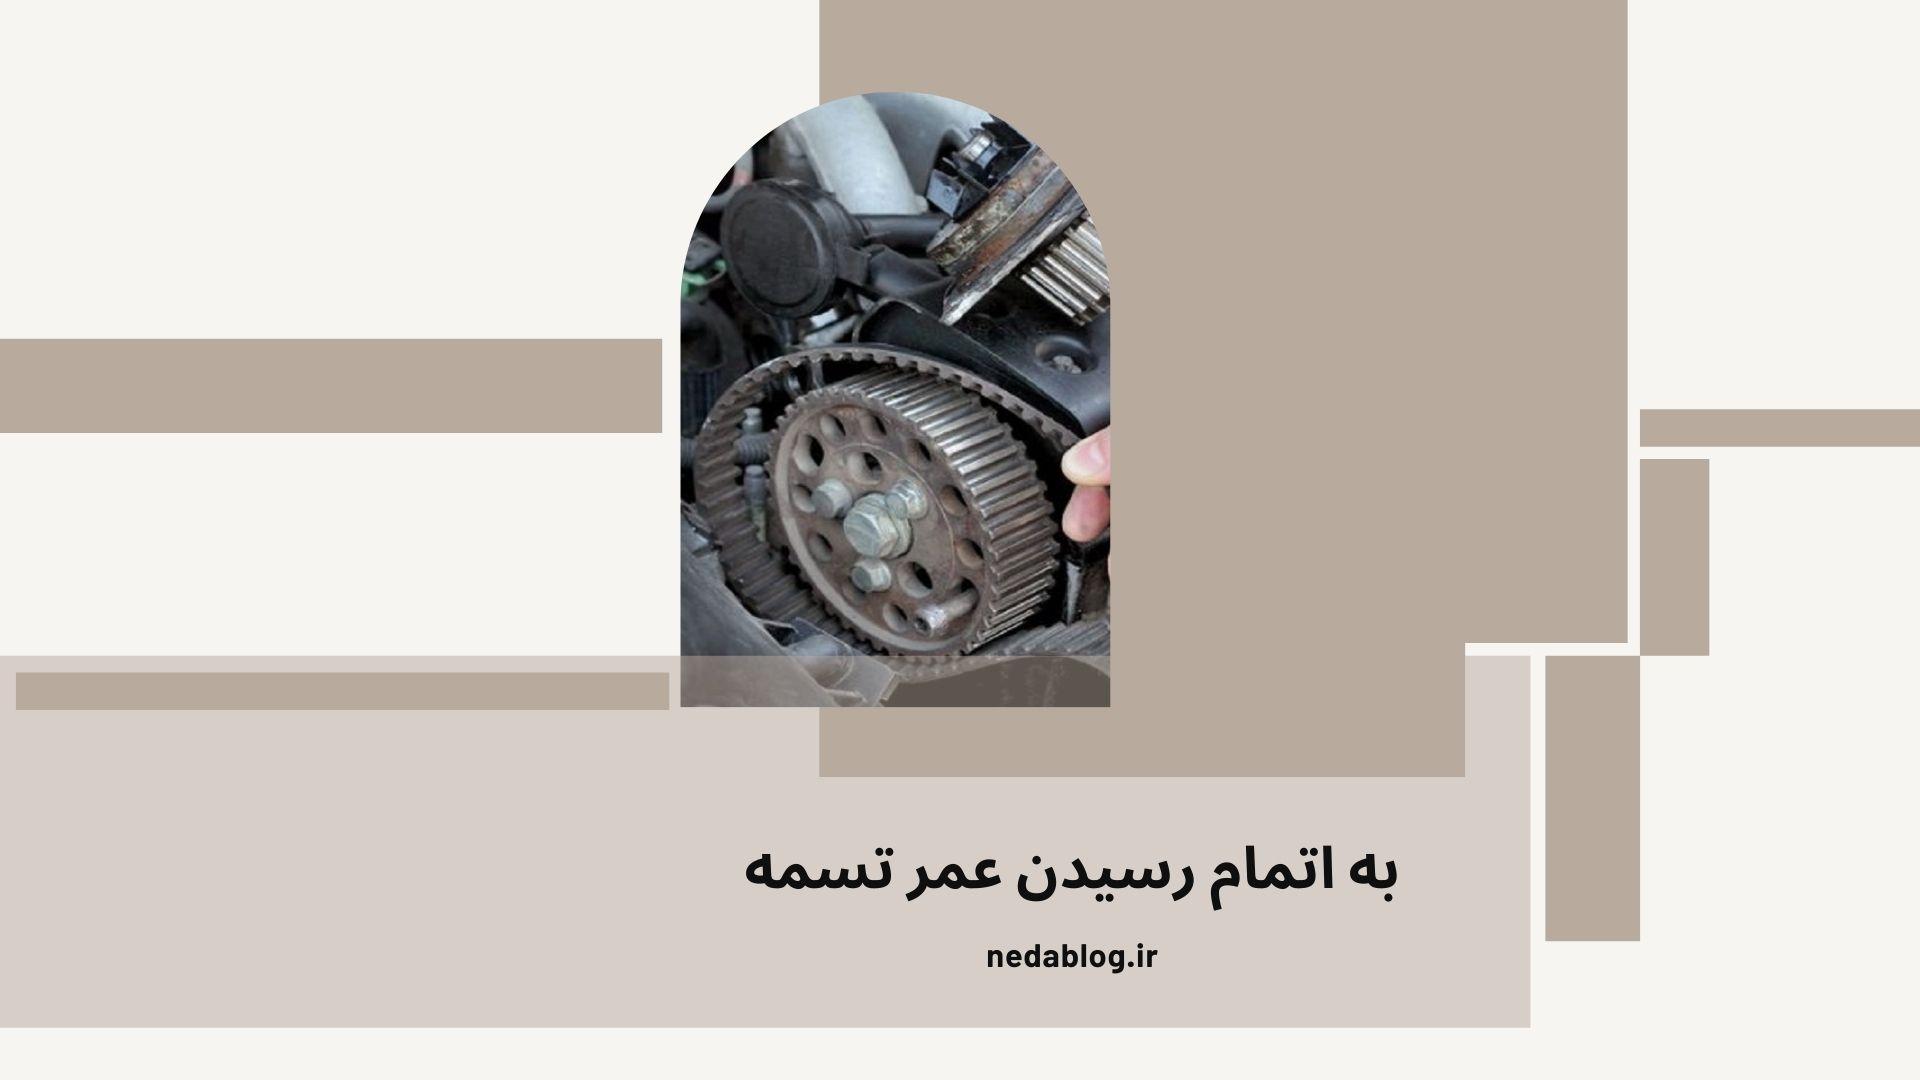 به اتمام رسیدن عمر تسمه: